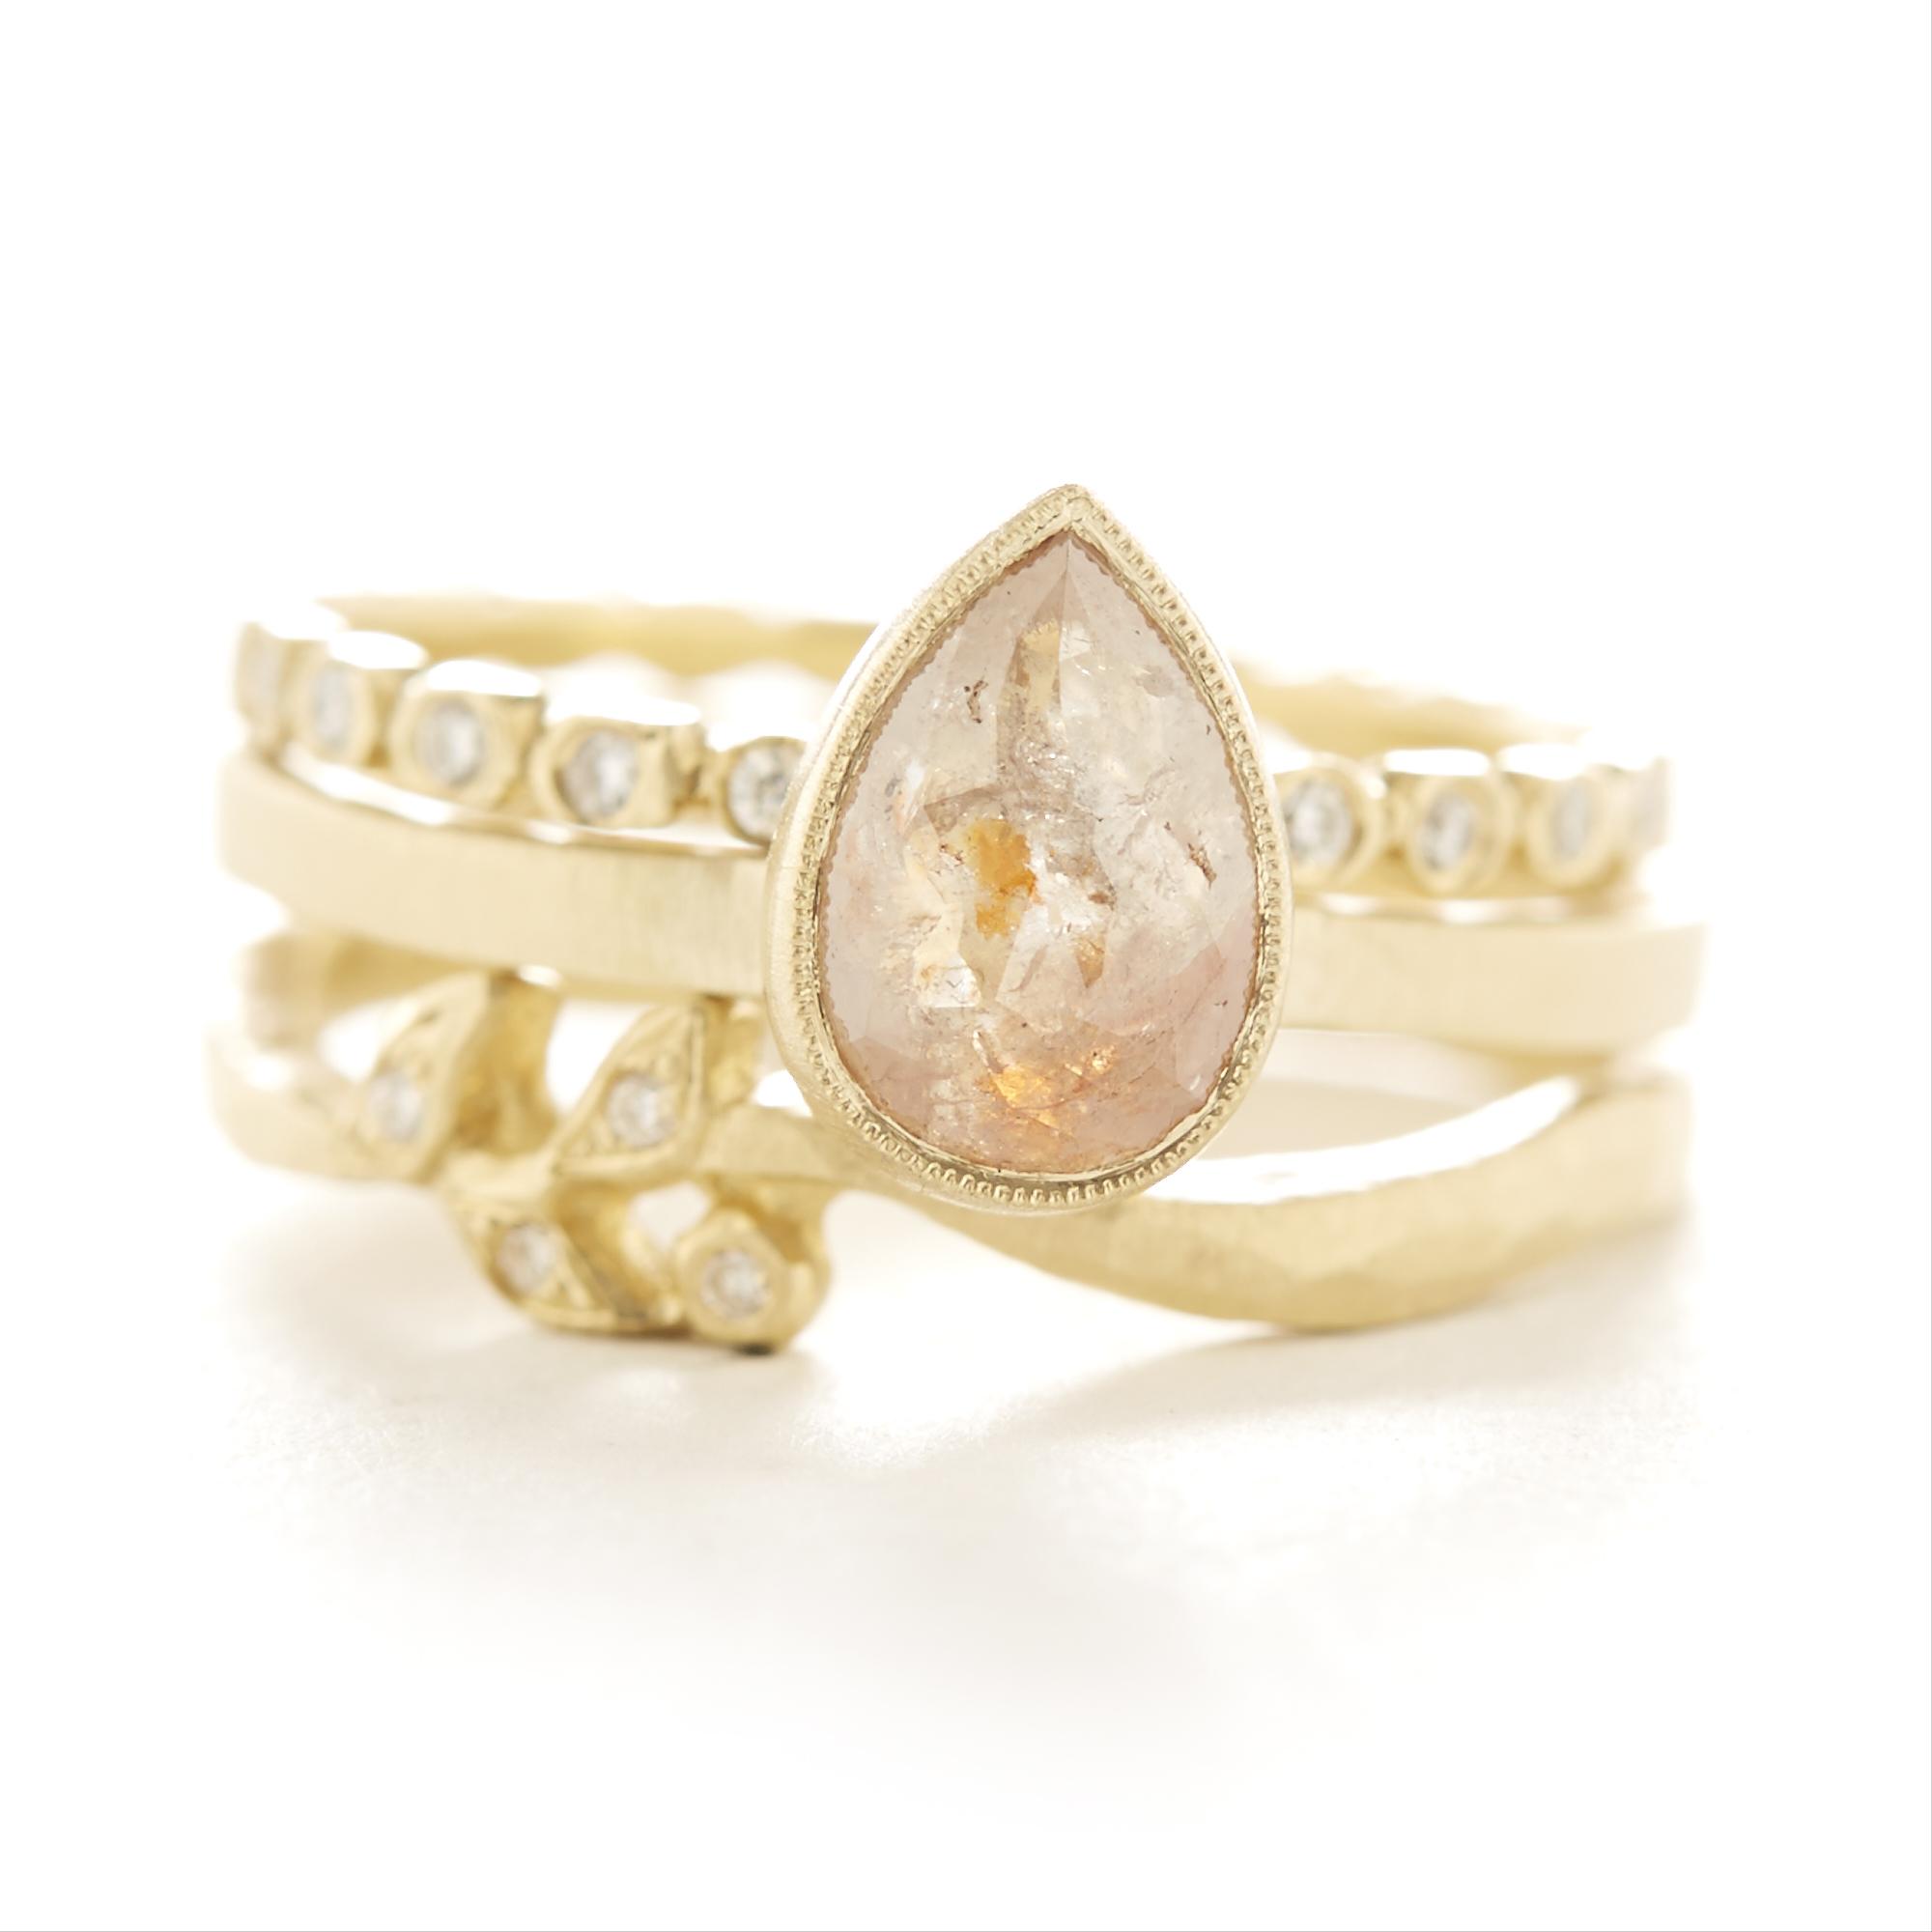 JenniferDawes-ring-4.jpg